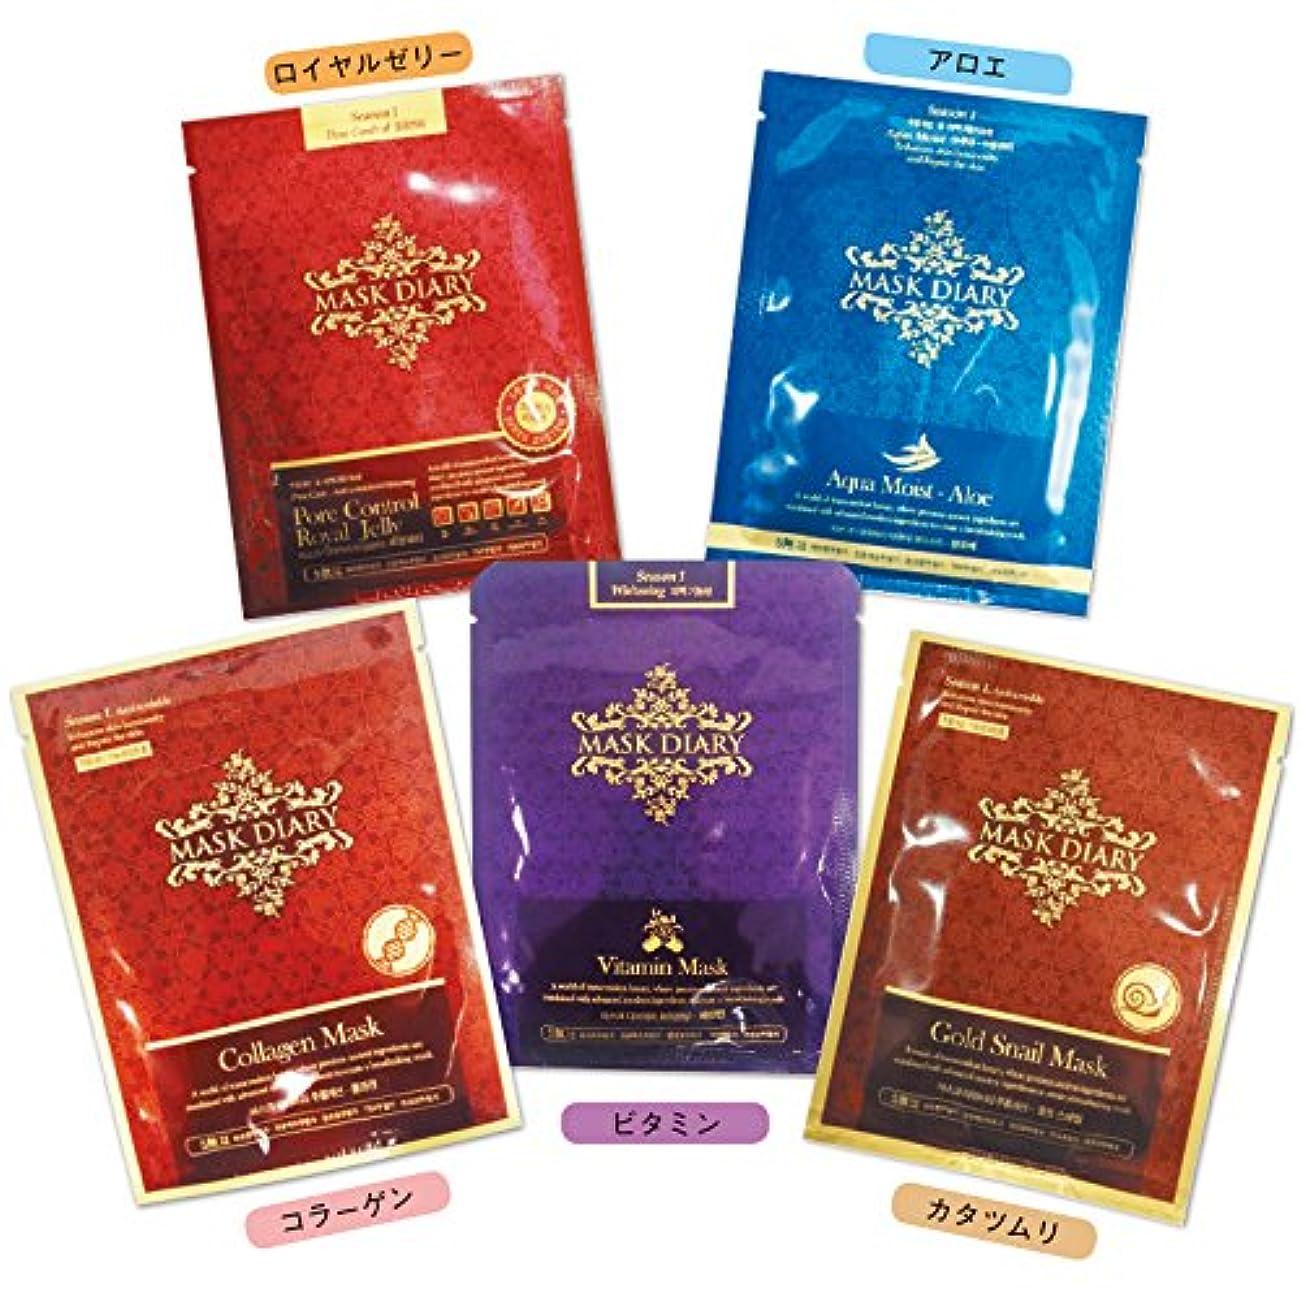 バケツ六りんご韓国 土産 フェイスマスク 5種30袋セット (海外旅行 韓国 お土産)